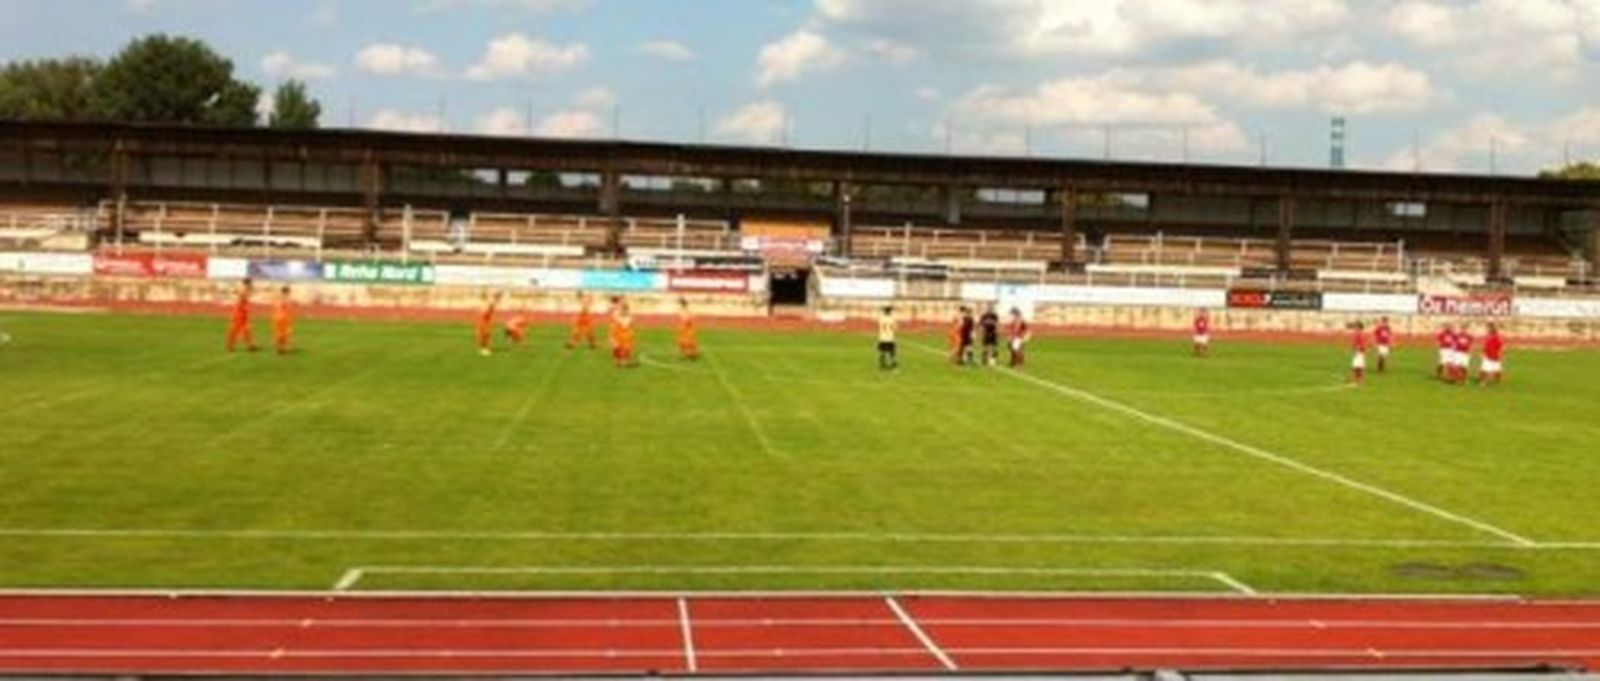 Die Party im Heinz-Steyer-Stadion verlor der SC Borea mit 4:2 nun soll am Sonntag die Revanche folgen.